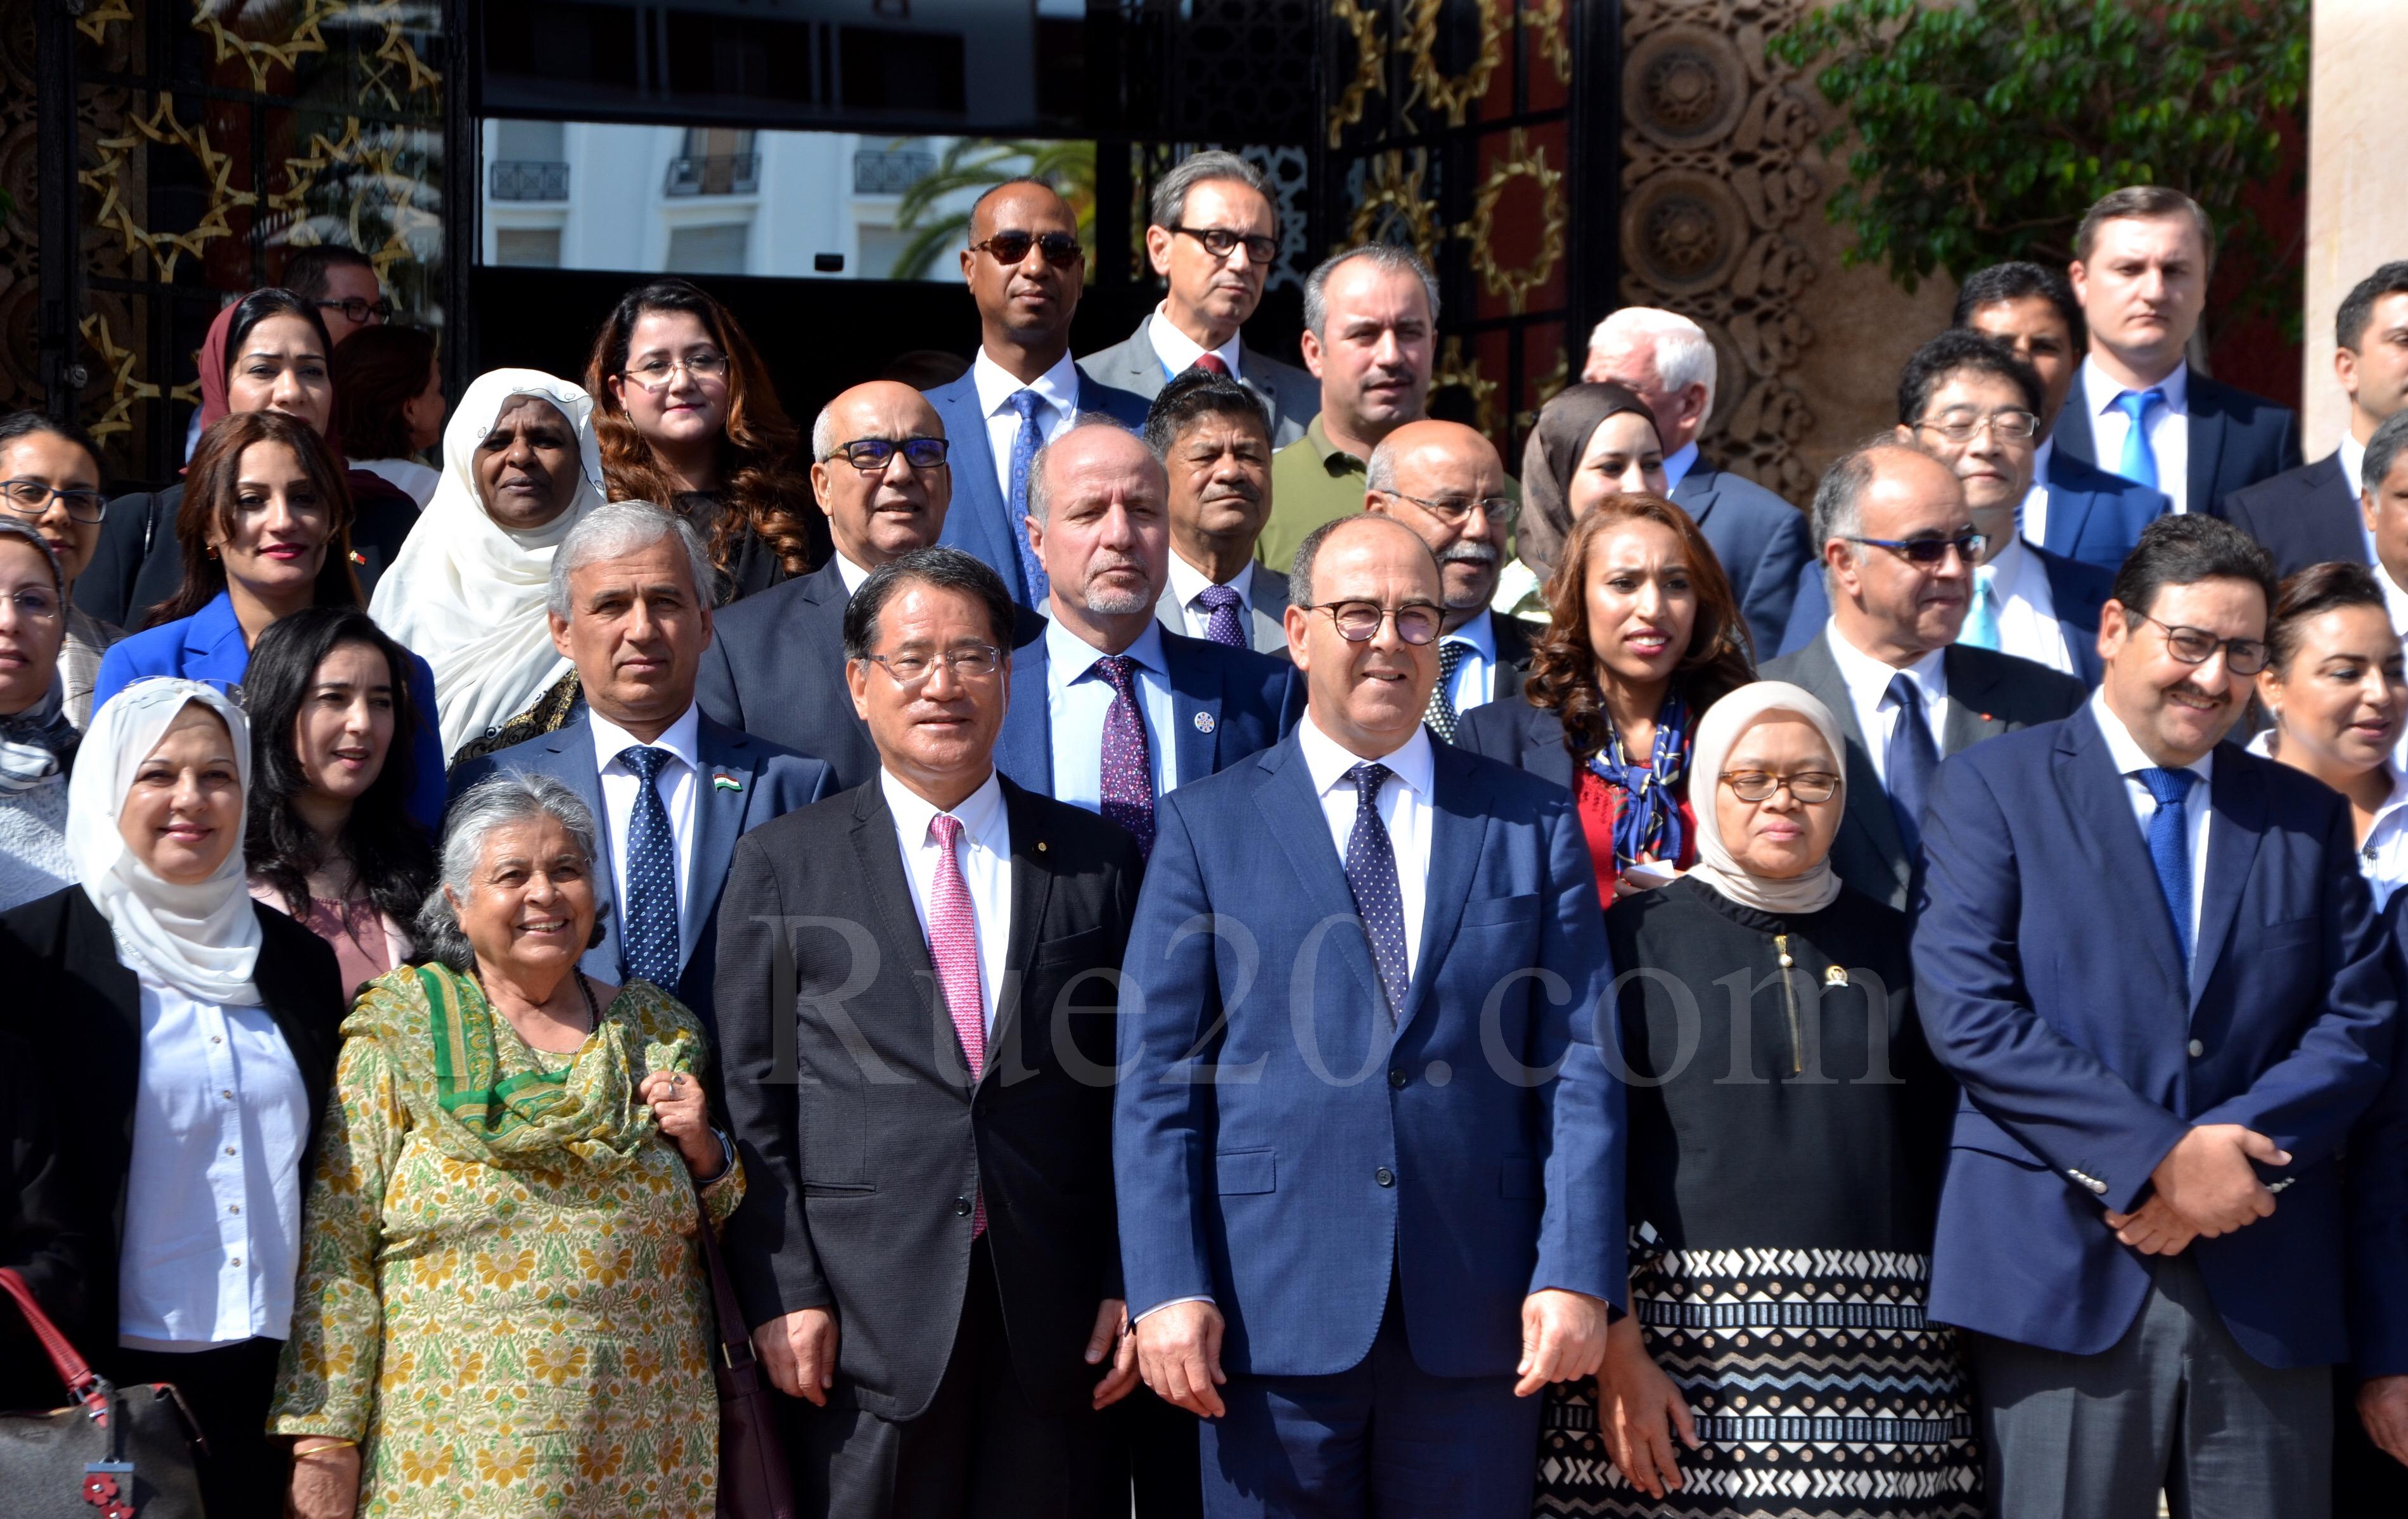 التأكيد بالرباط على ضرورة تفعيل أدوار البرلمانات العربية والأسيوية تجاه قضايا السكان والتنمية المستدامة